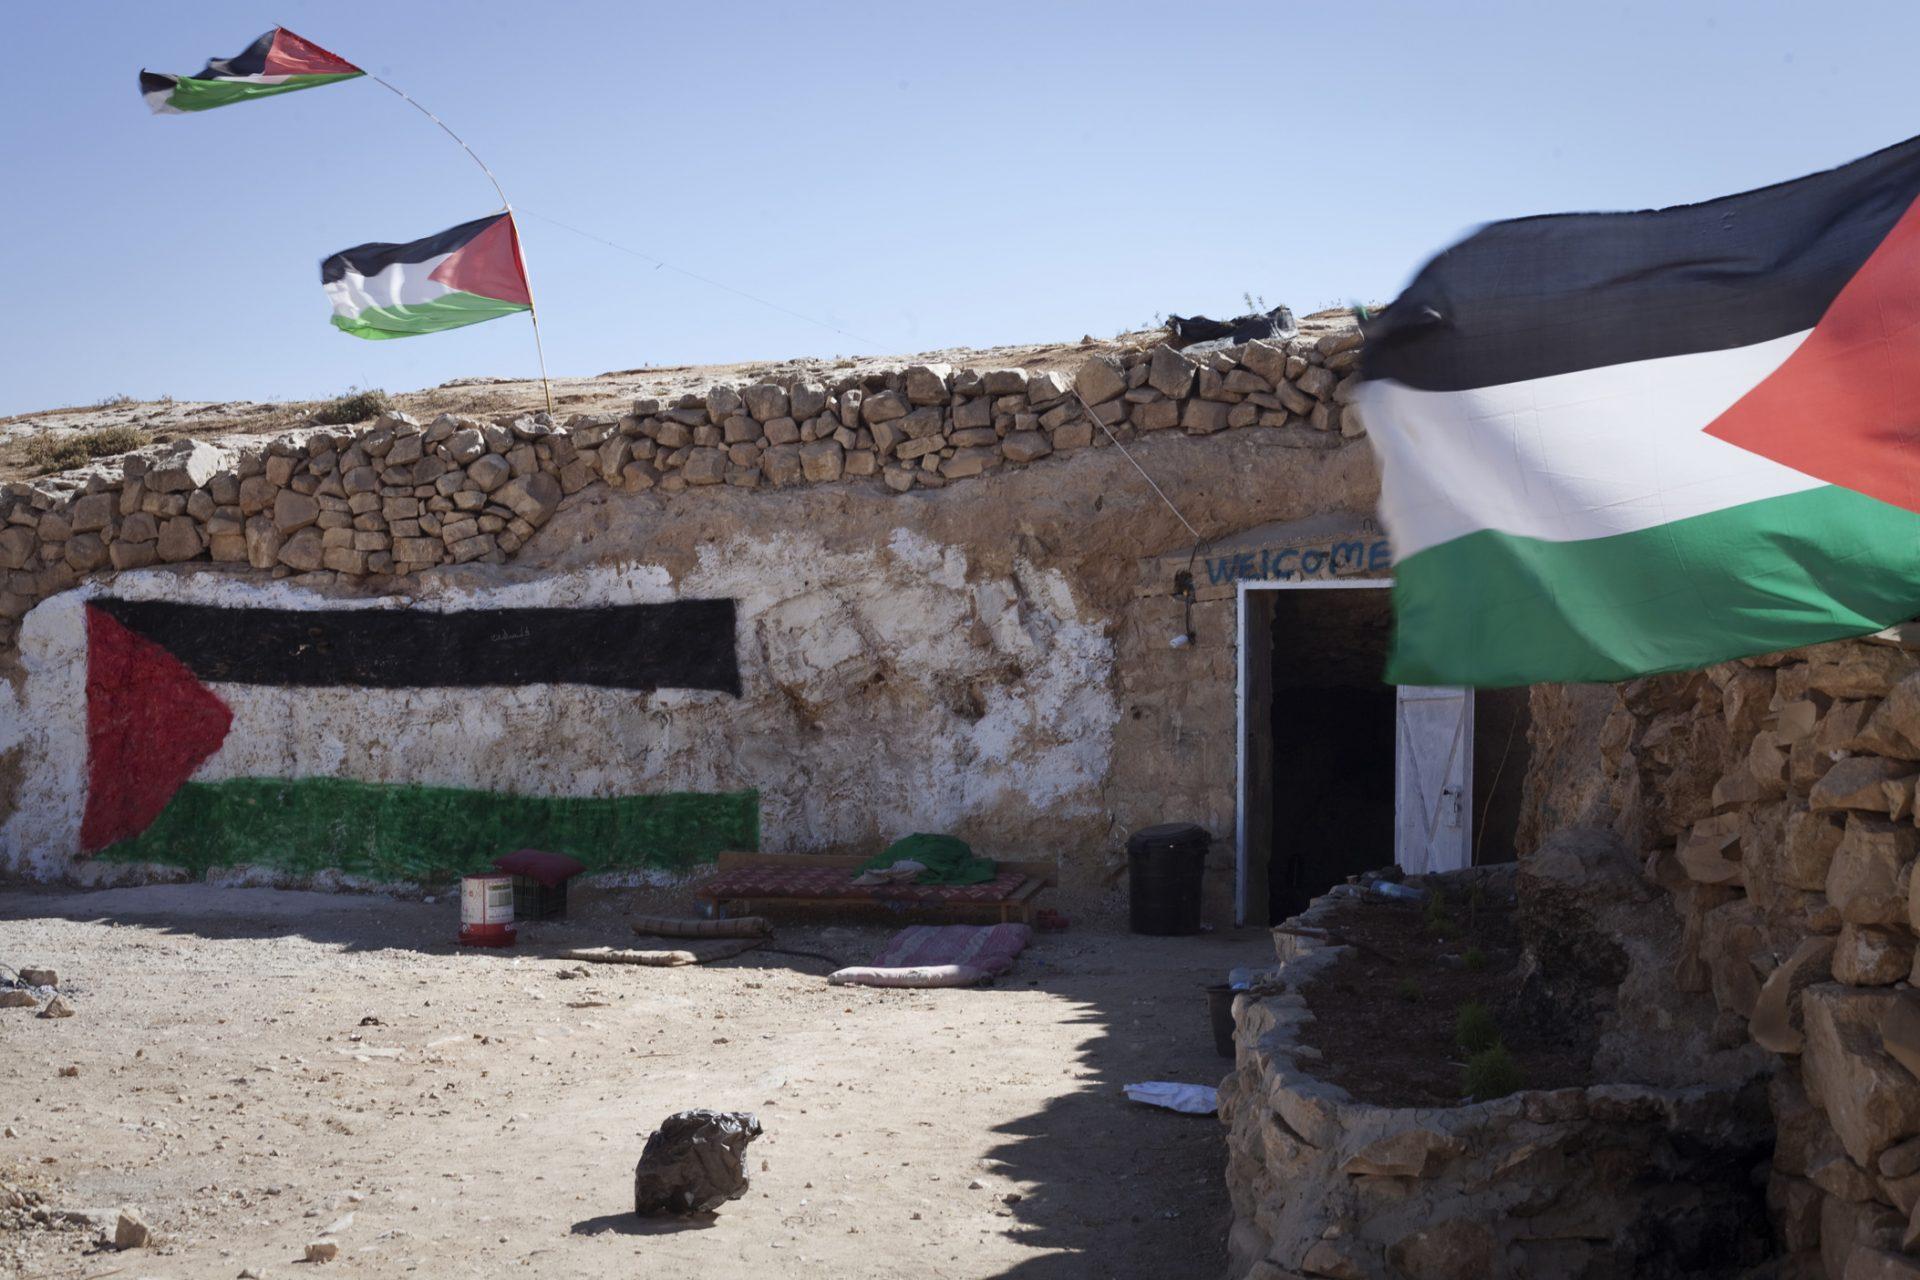 L'entrée de la grotte, située au lieu-dit Sarura. L'objectif des activistes est que ce lieu soit à terme habité par une famille palestinienne comme il l'était jusque dans les années 1990.